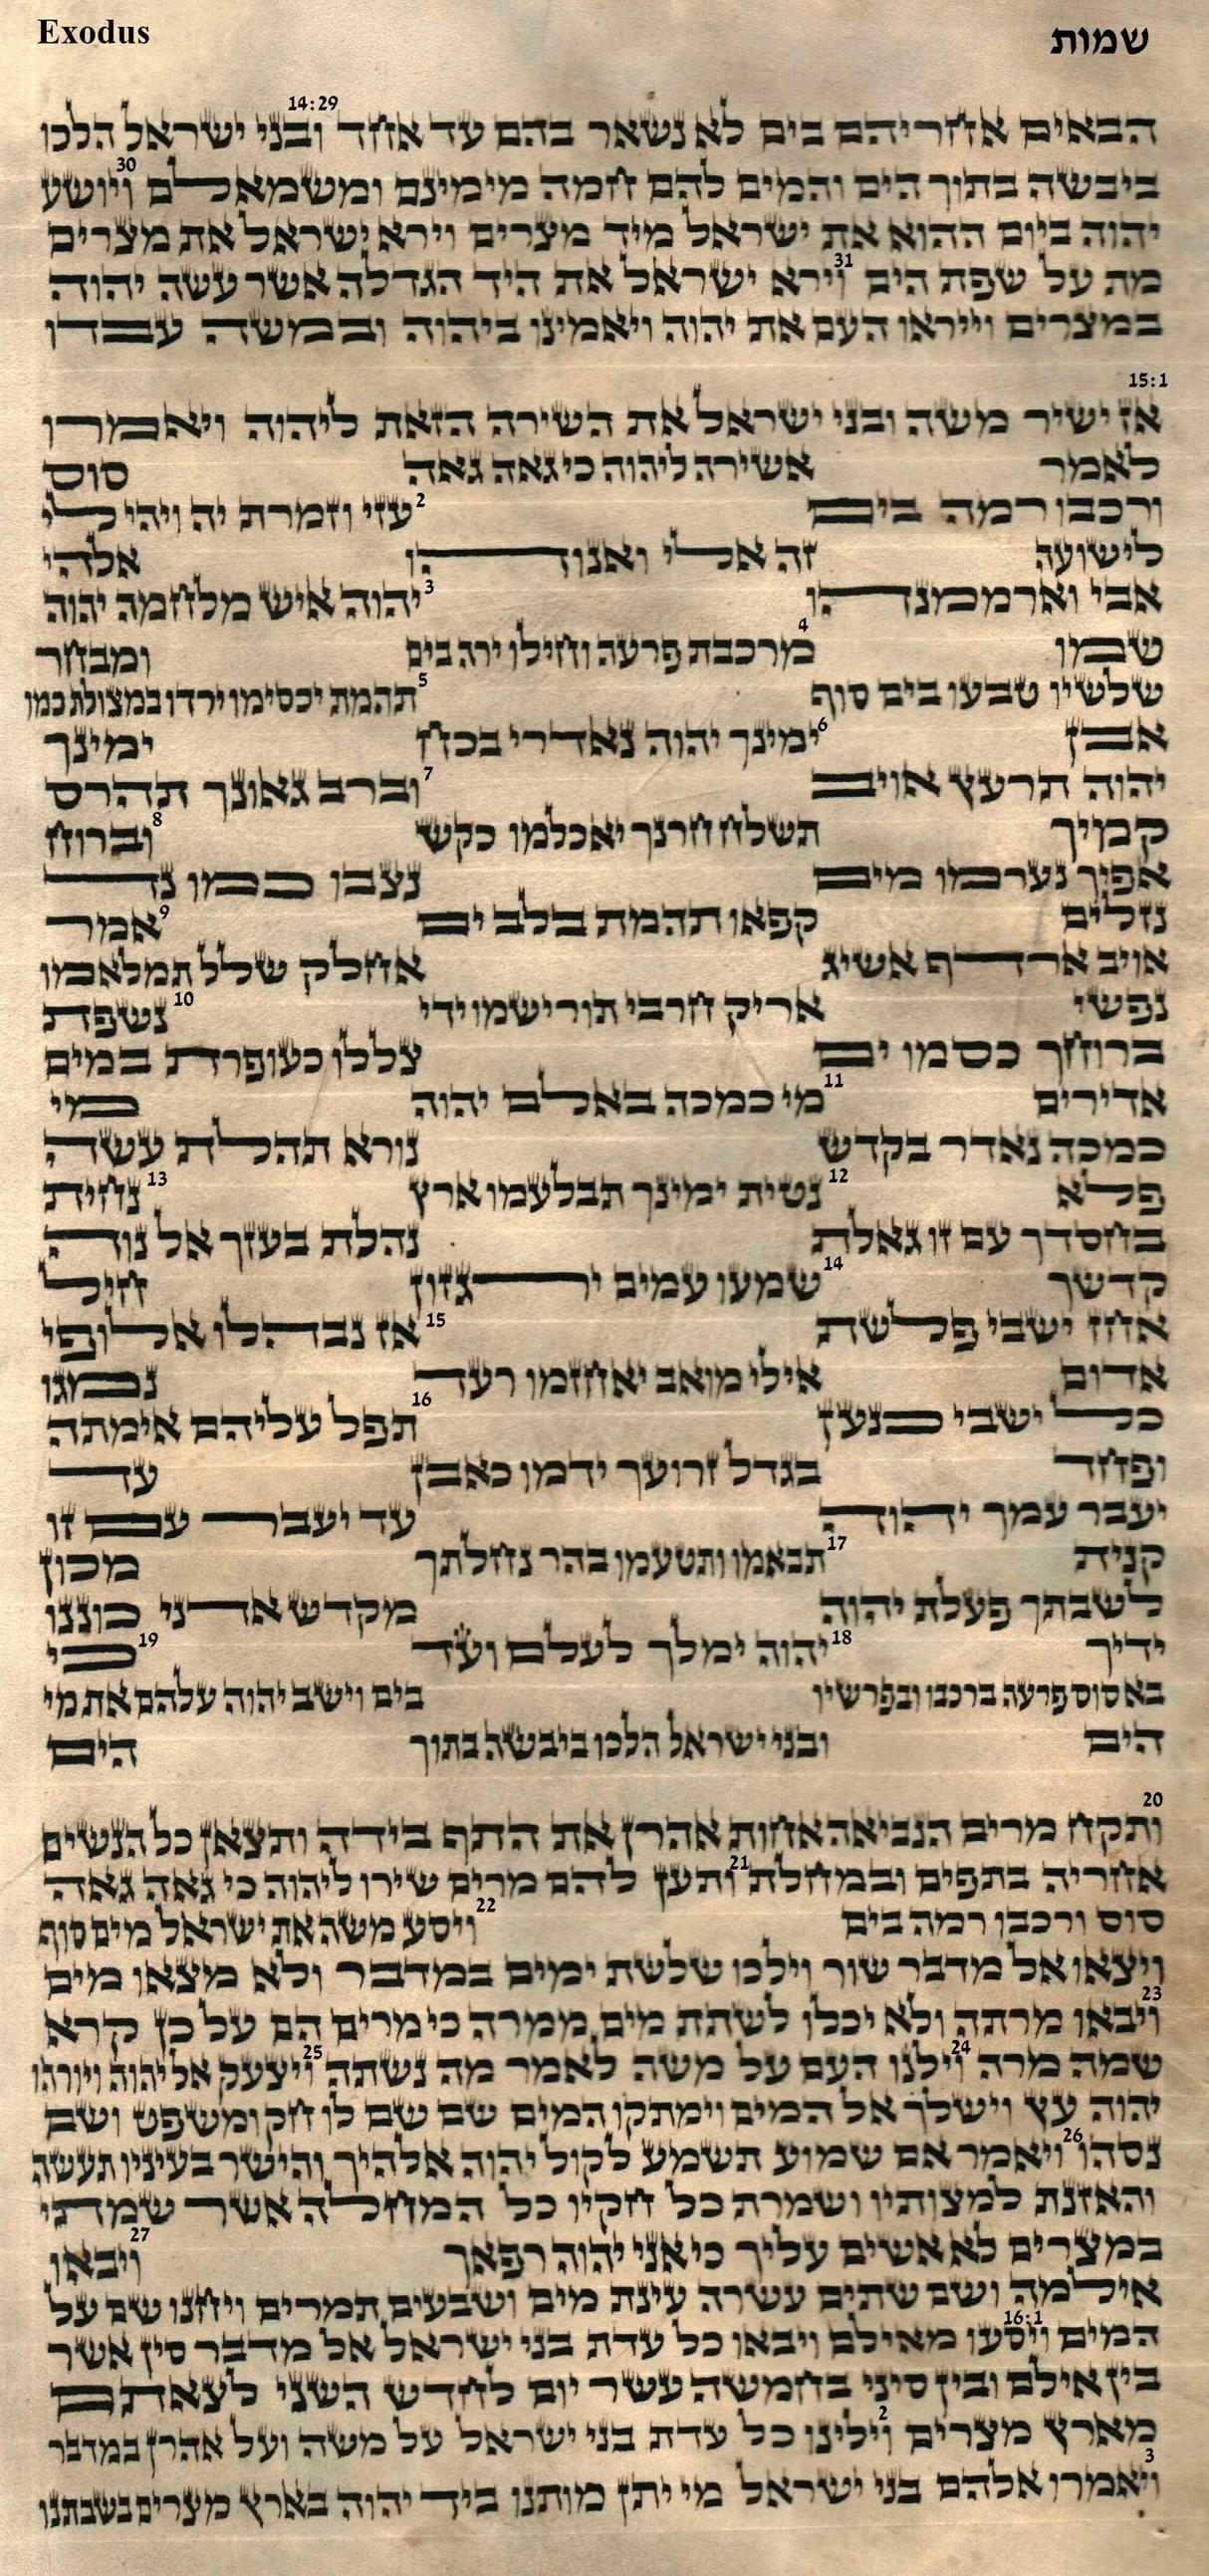 Exodus 14.29 - 16.3